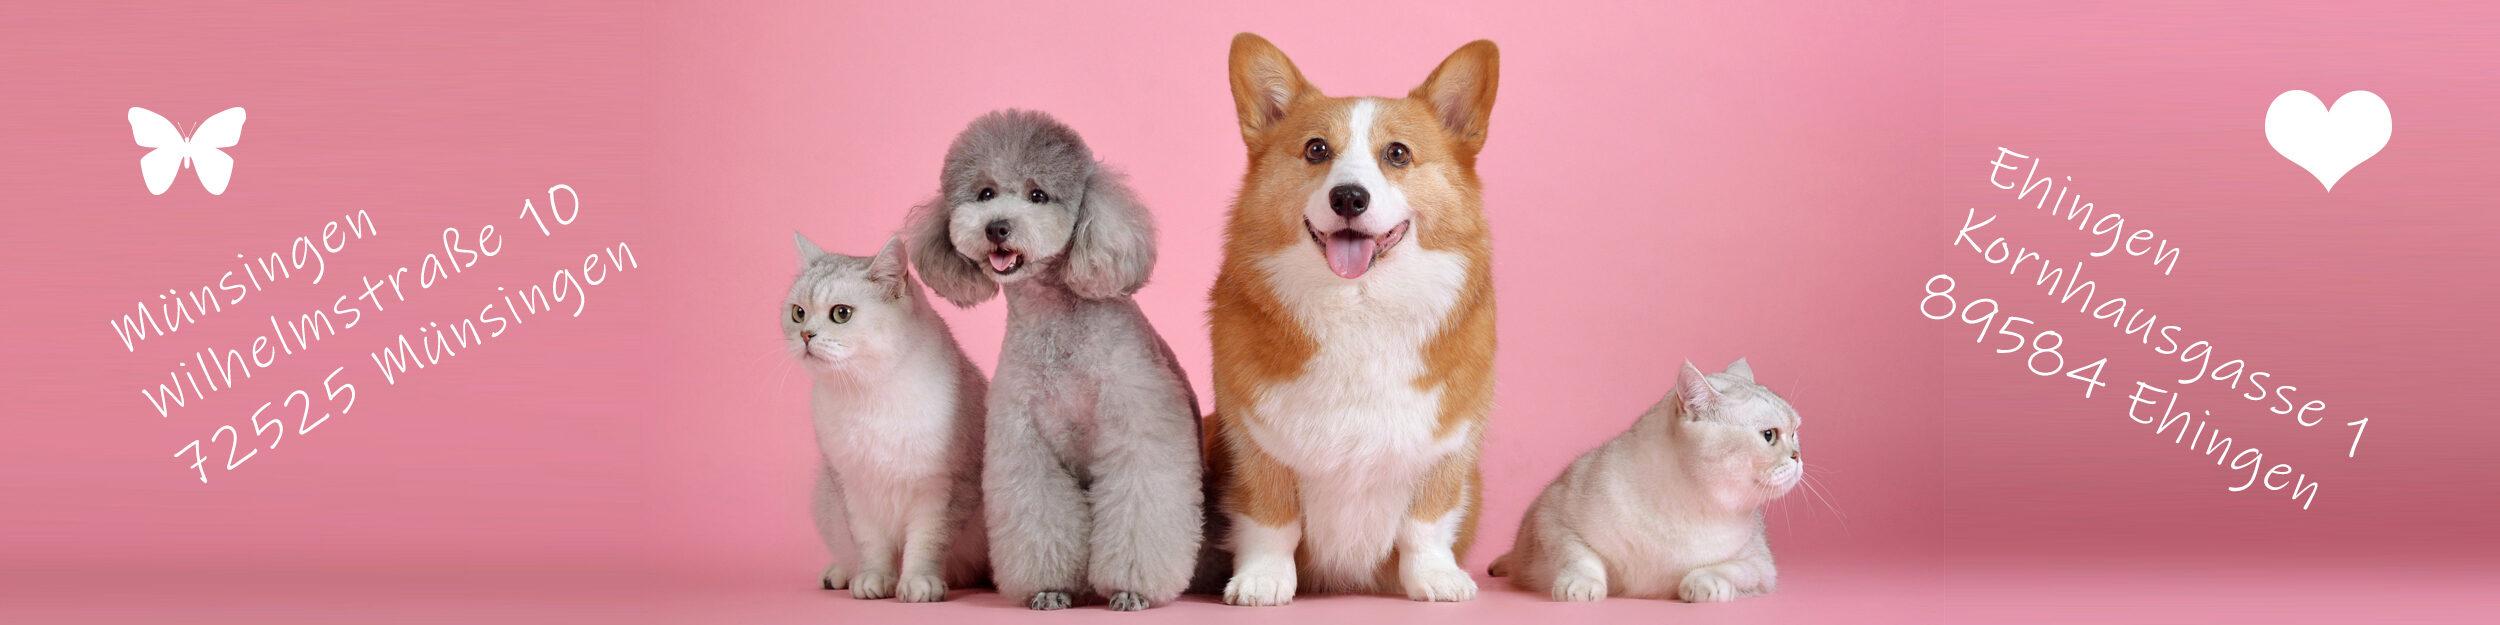 Hundesalon Tierisch schön